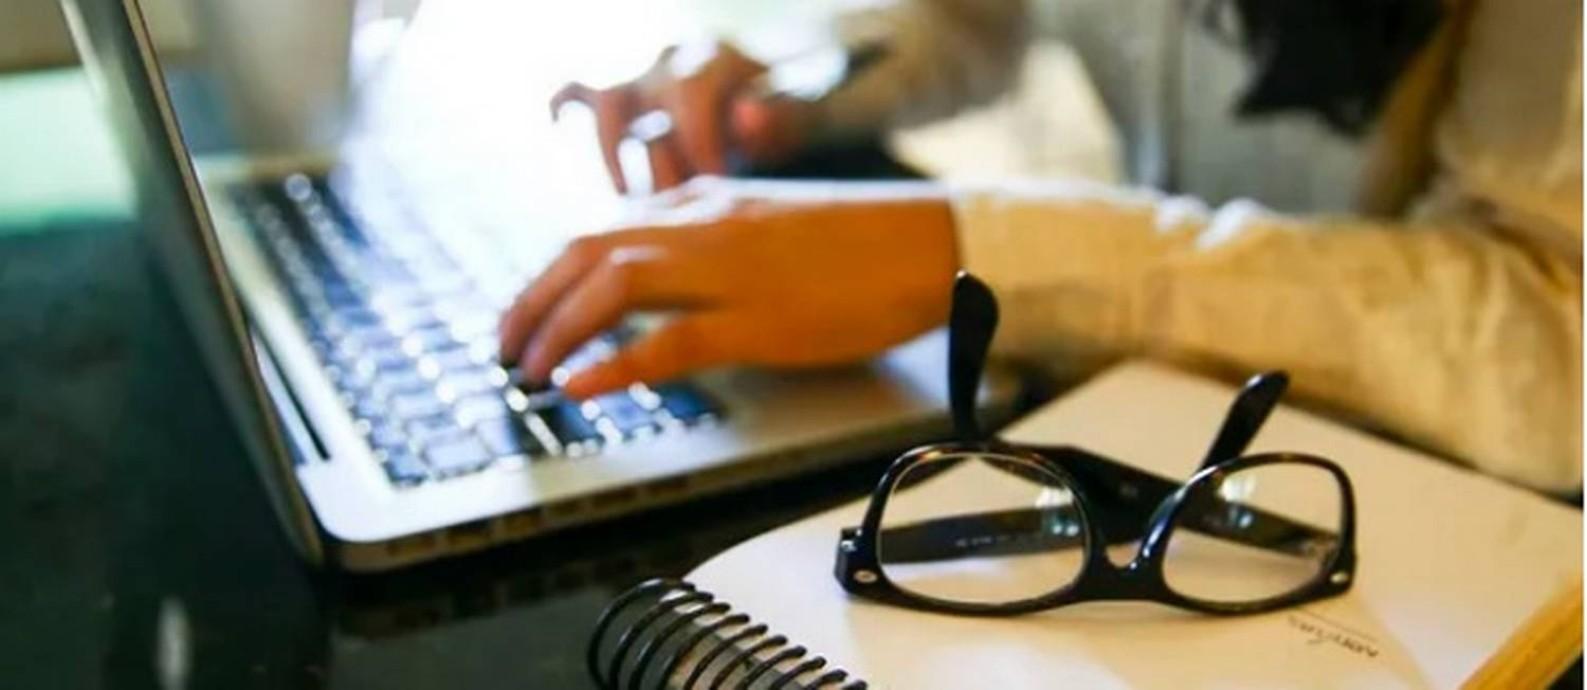 Trabalhar fora de casa tem um custo Foto: Reprodução